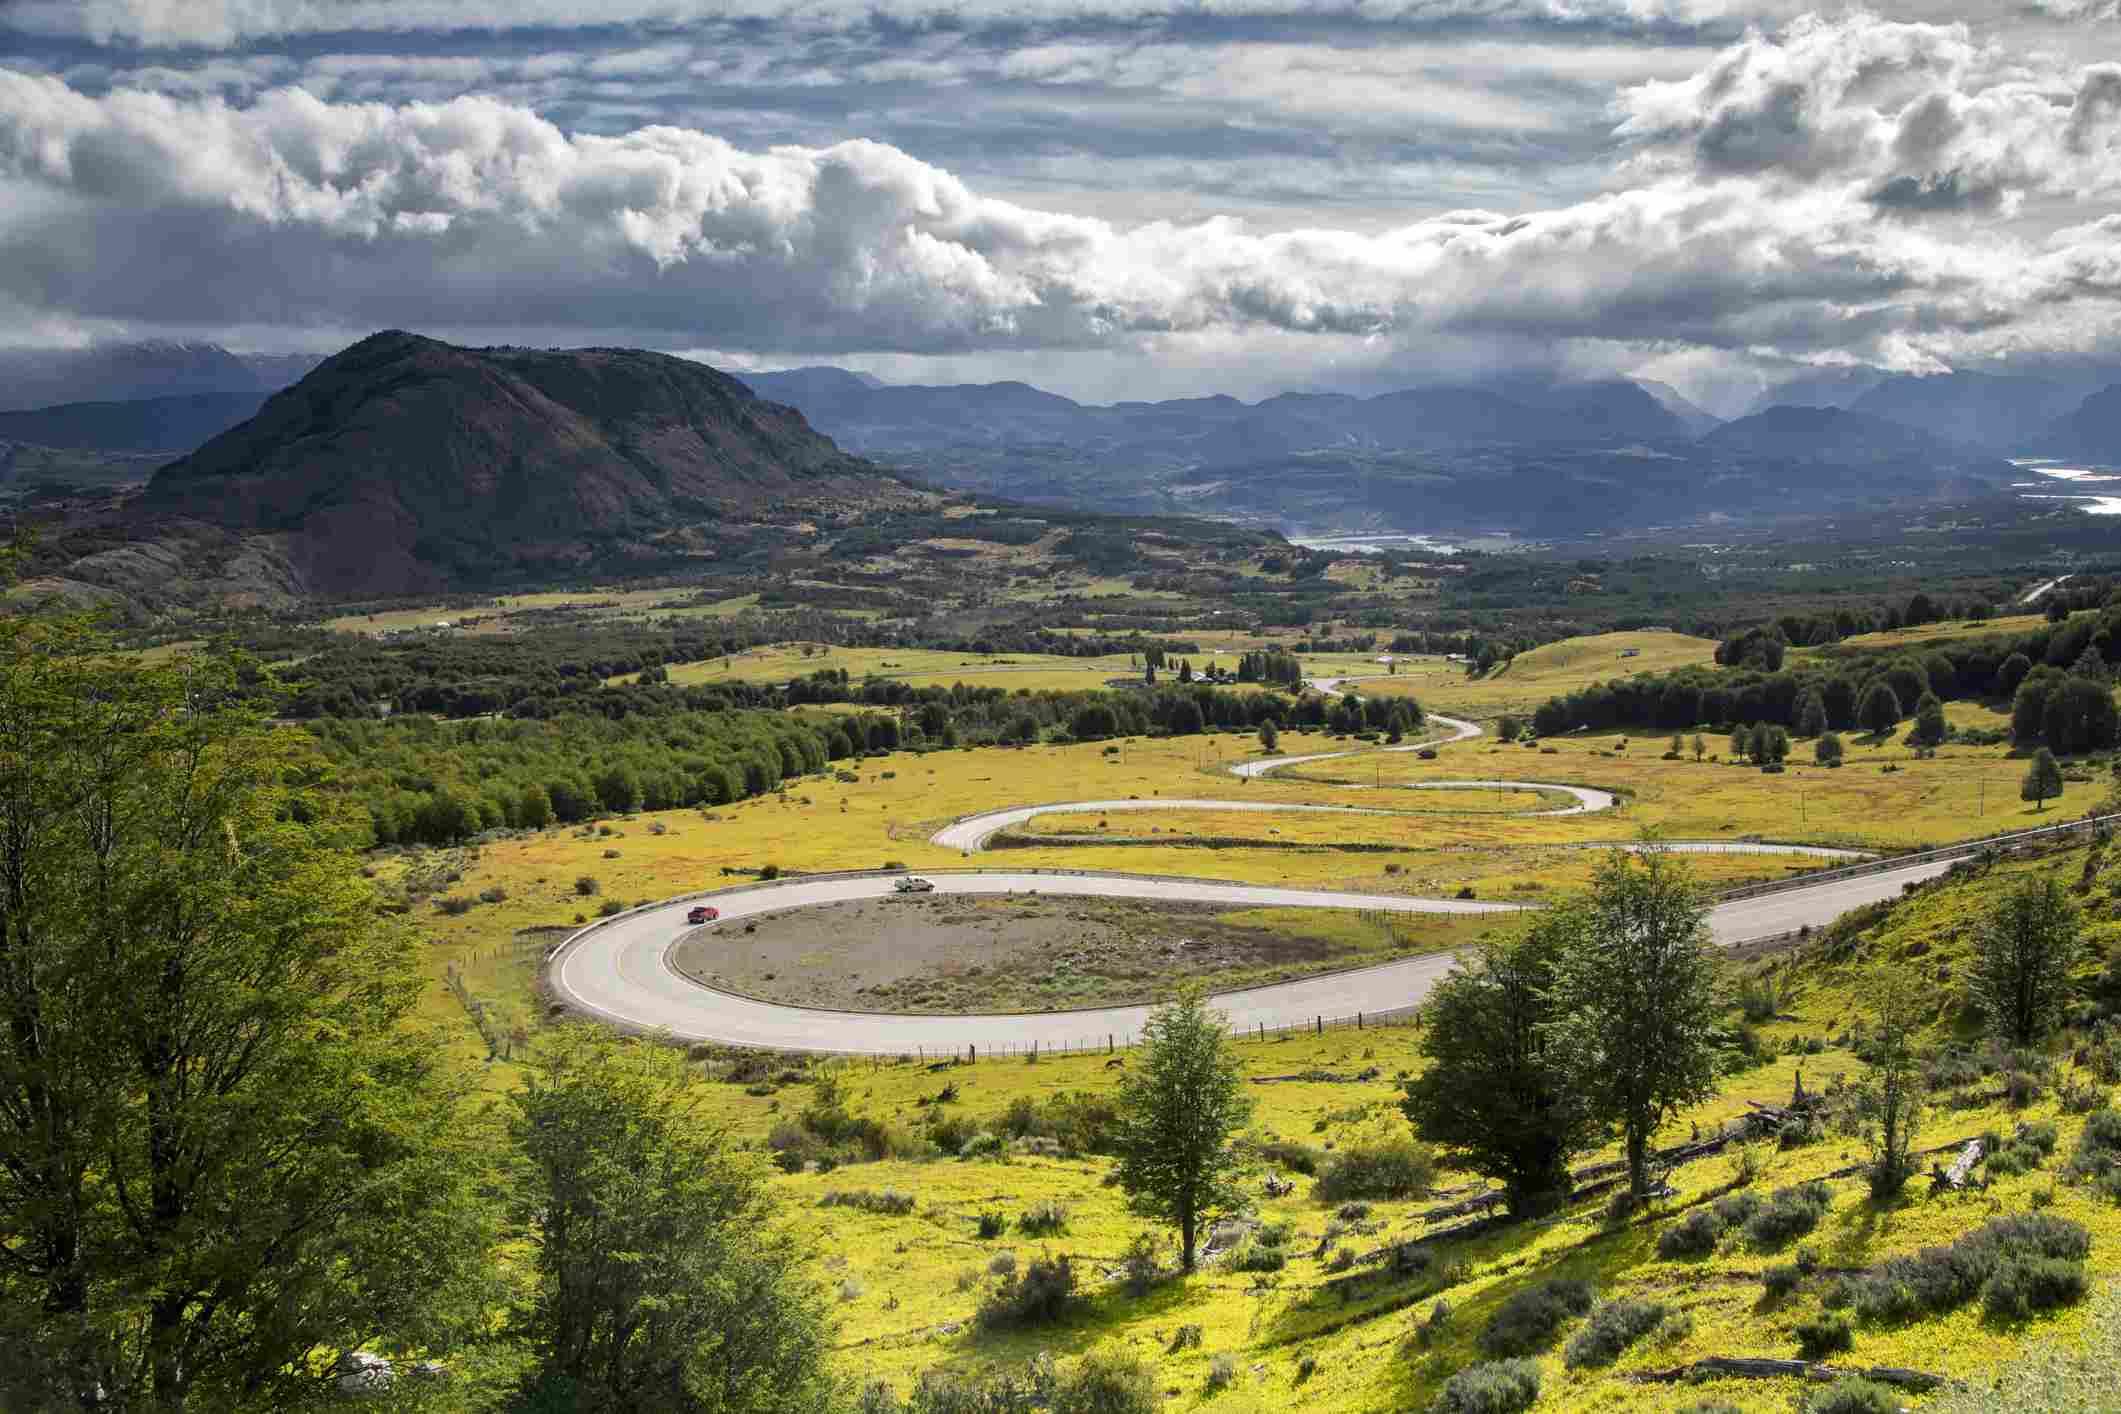 Carretera Austral Road in Chile